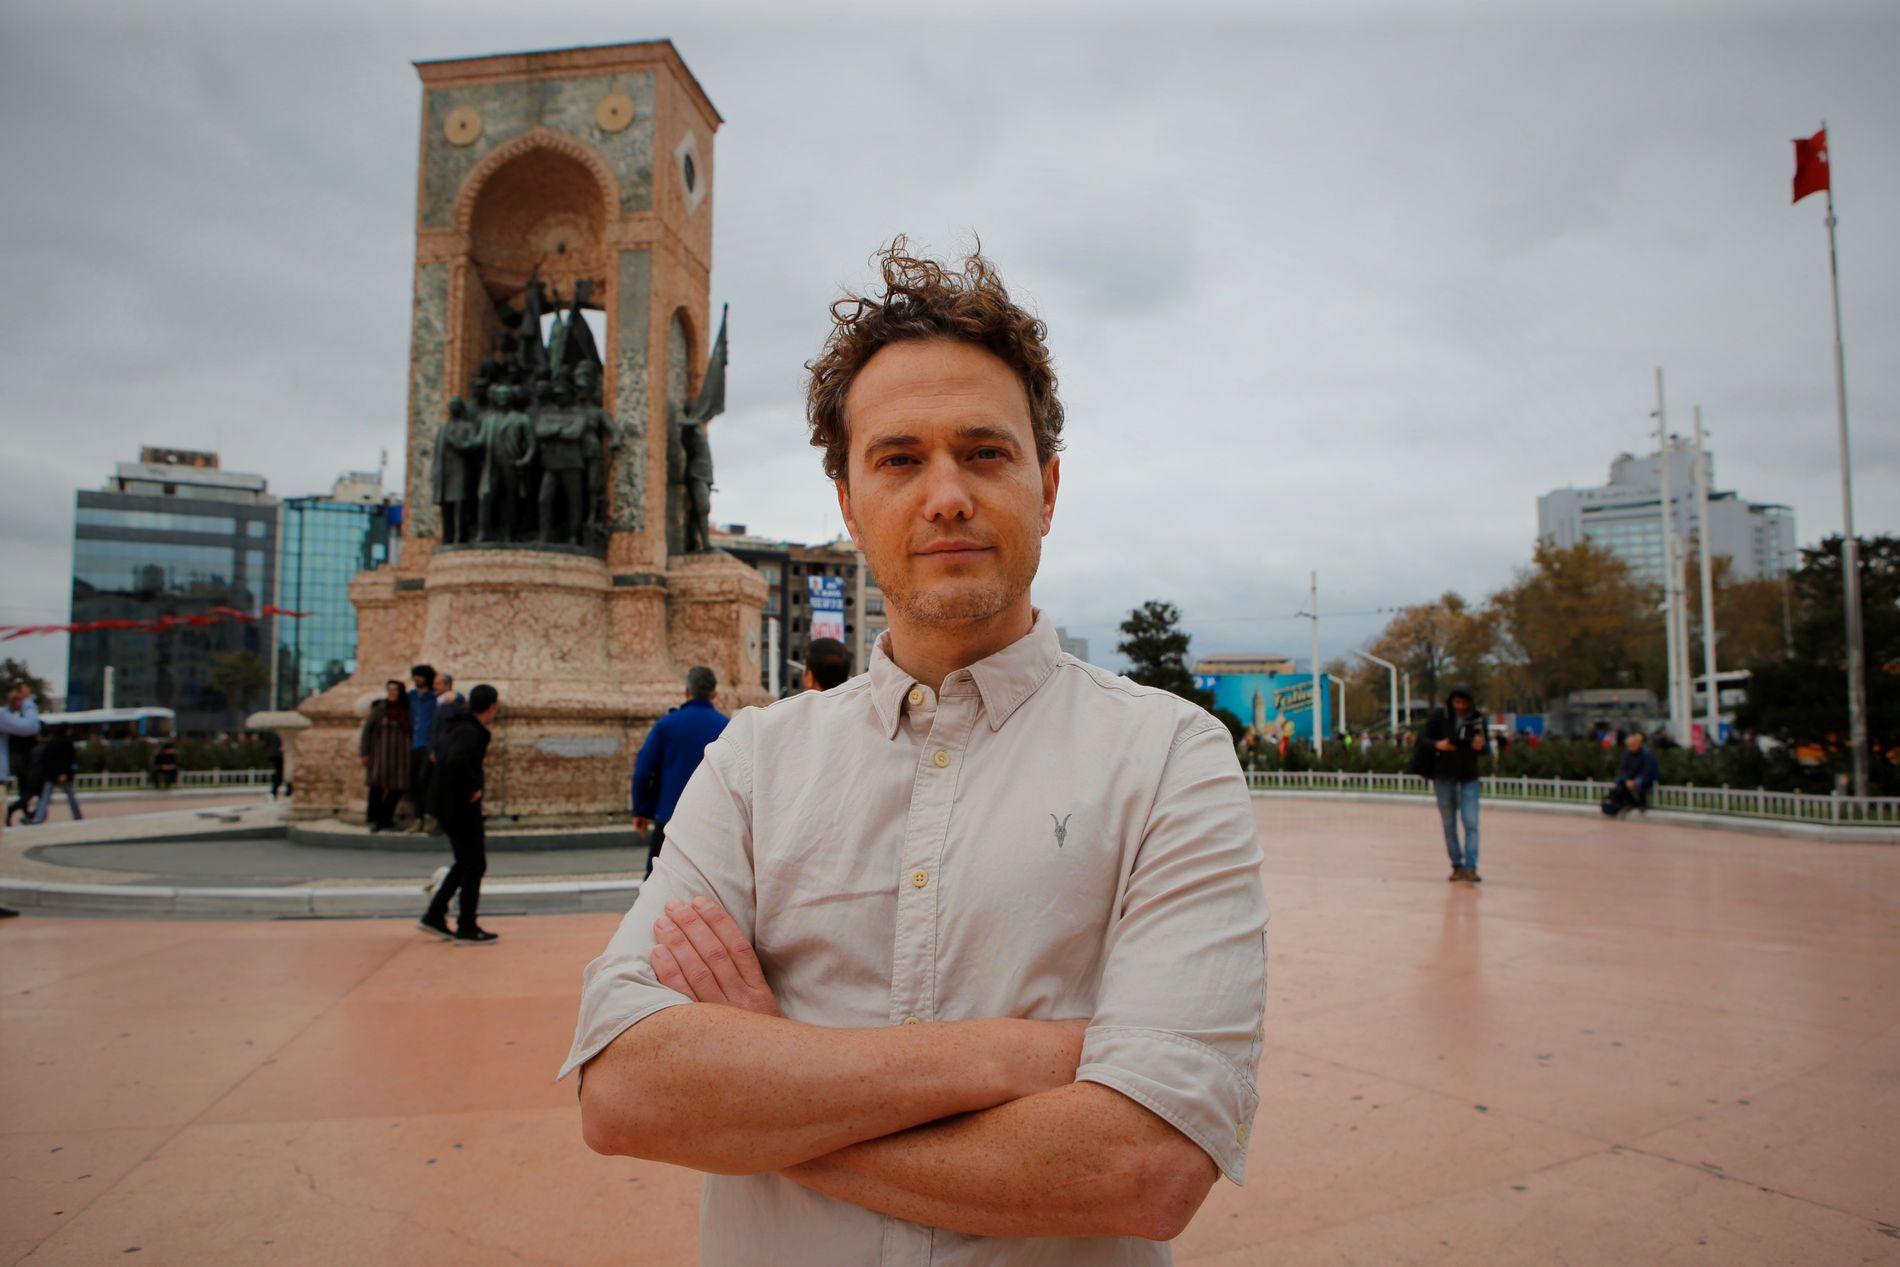 SKREV BOK: VG-journalist Nilas Johnsen, her ved Atatürk-statuen på Taksim-plassen i Istanbul.